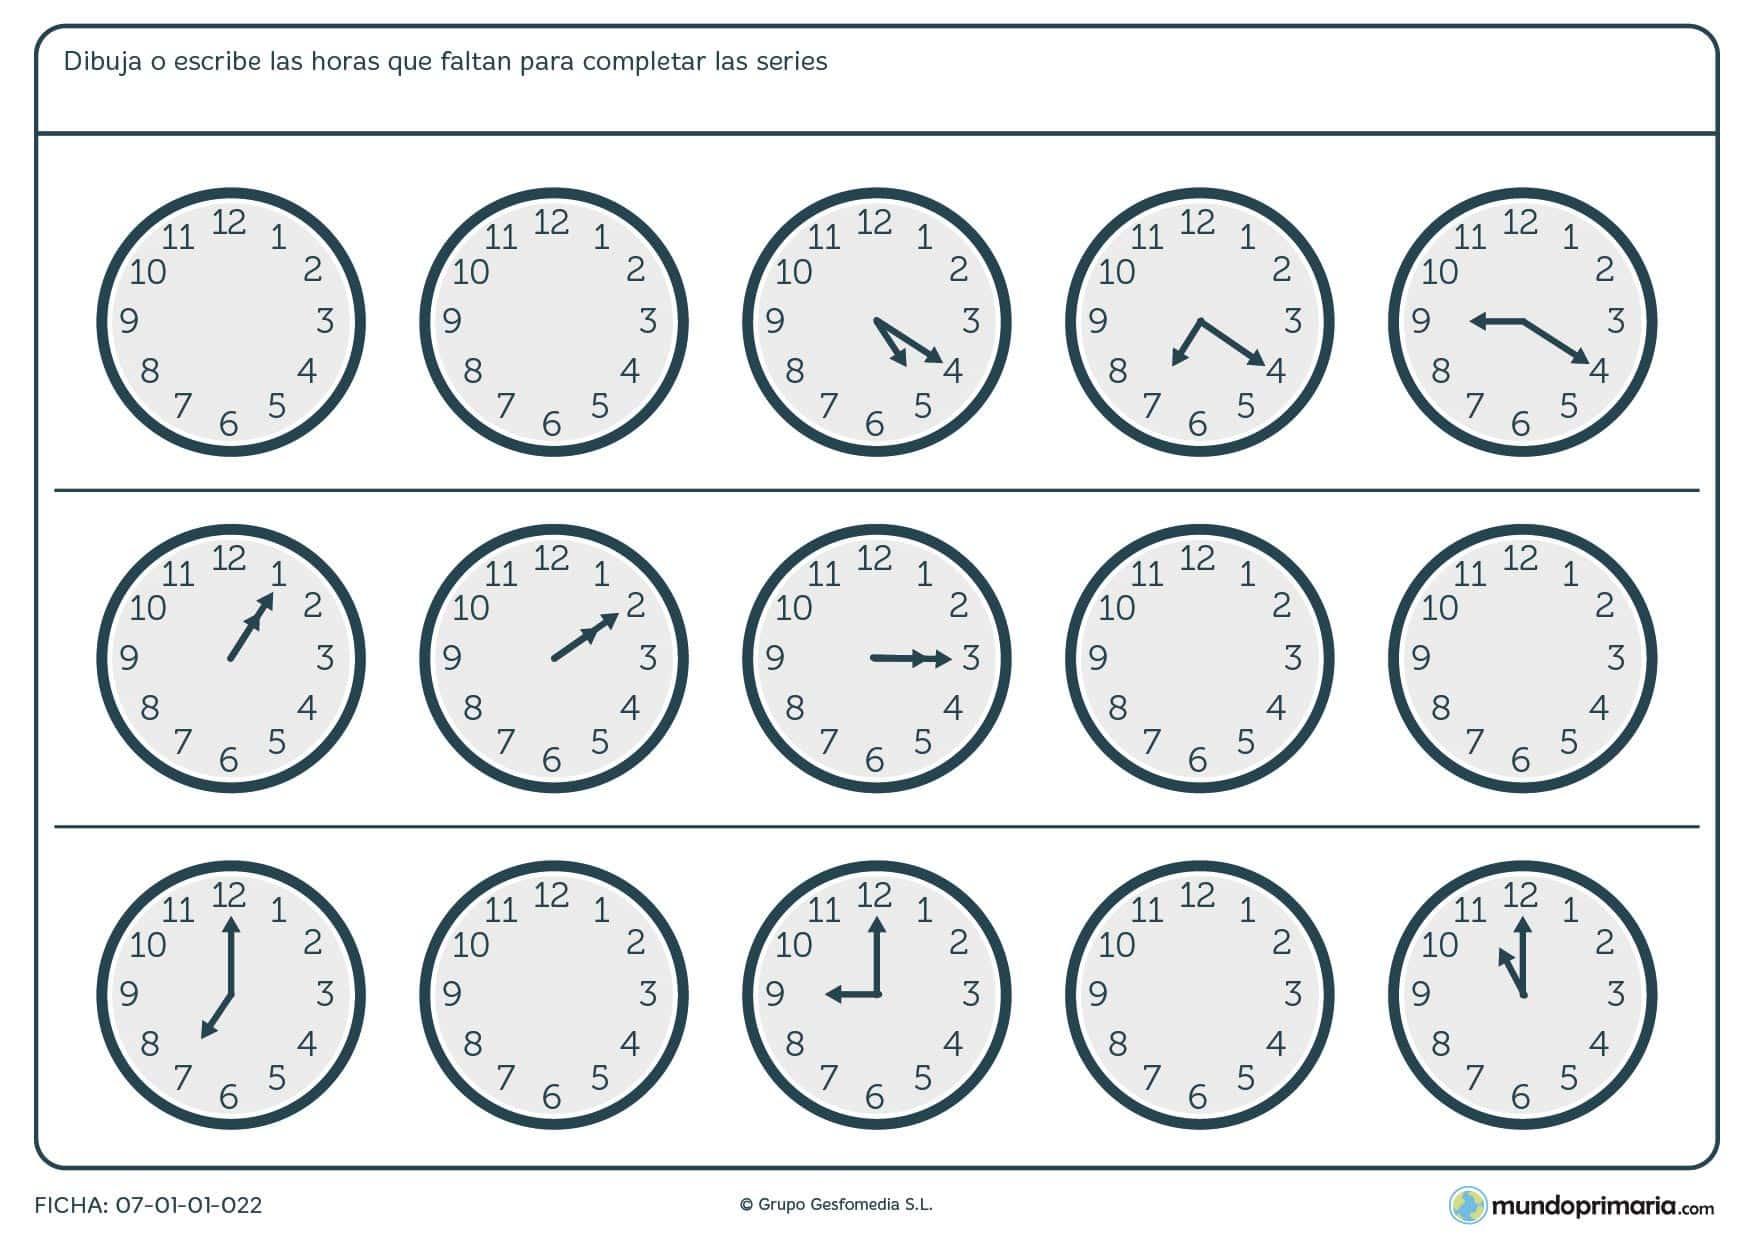 Ficha de series de horas en analógicos en la que debes terminar los relojes vacíos.